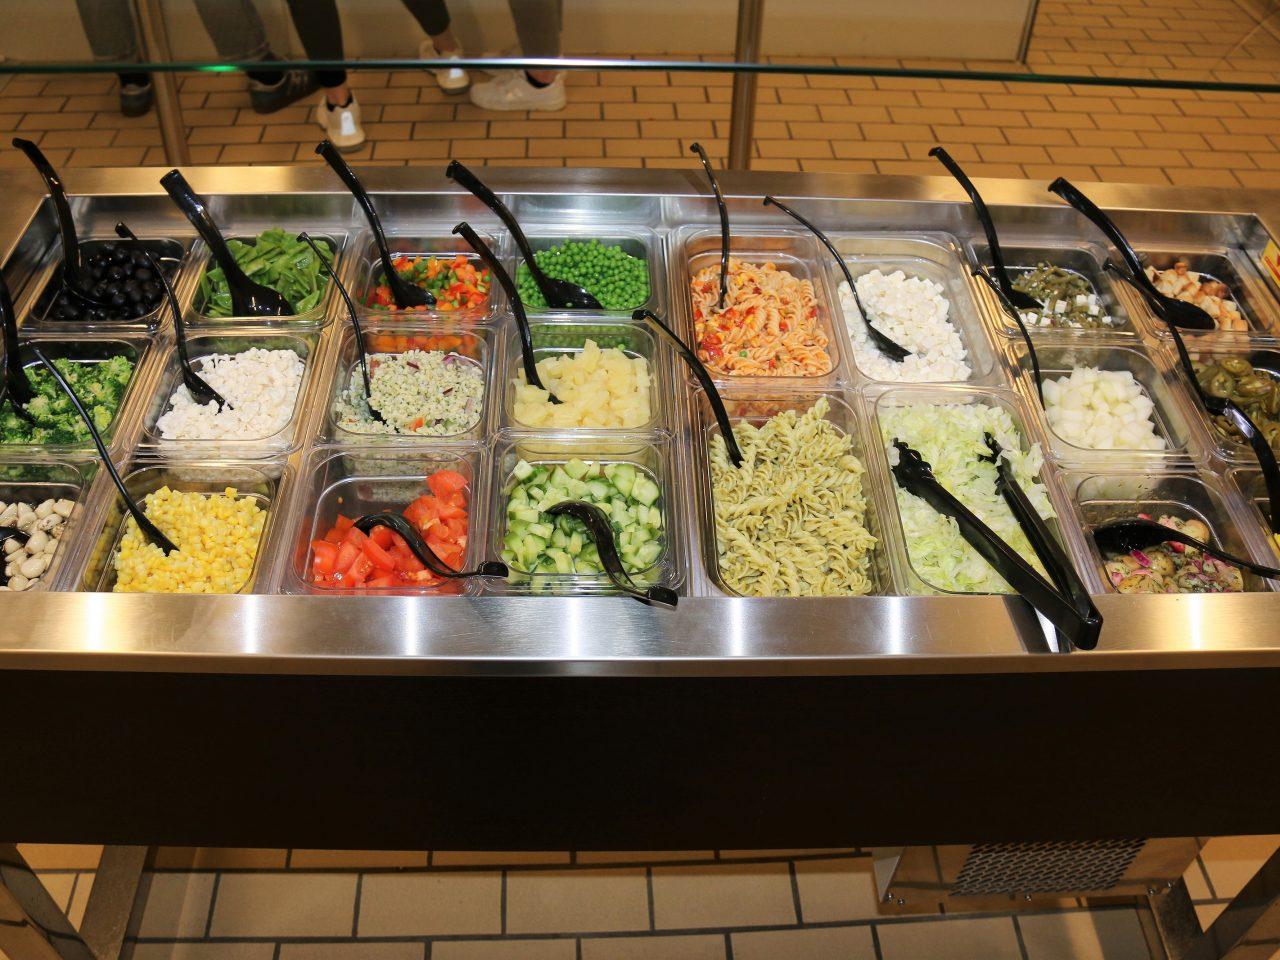 Billeder af salatbaren fra kantinen